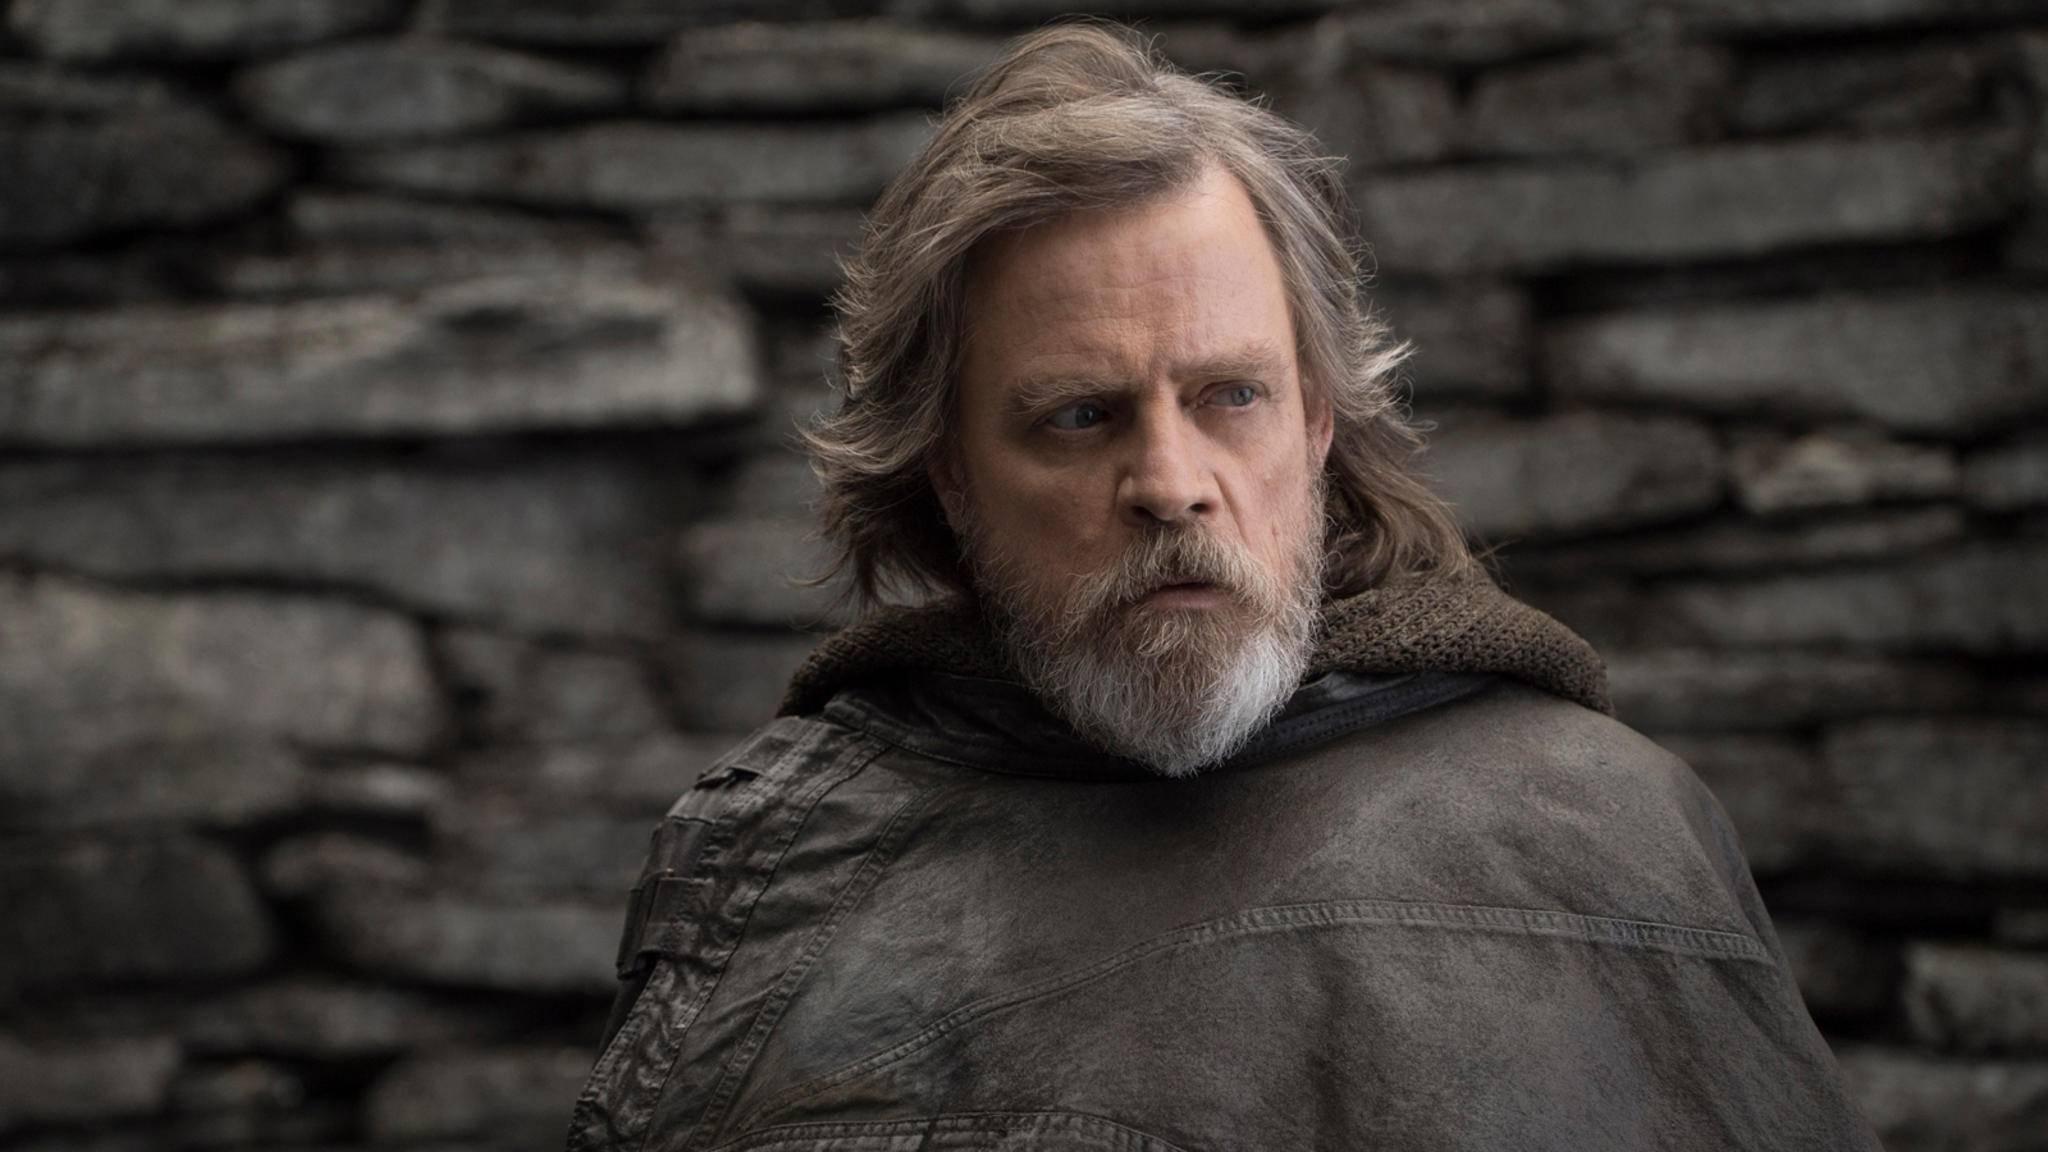 Mark Hamill wird wohl immer auf seine Rolle als Luke Skywalker reduziert werden. Aber gibt Schlimmeres, oder?